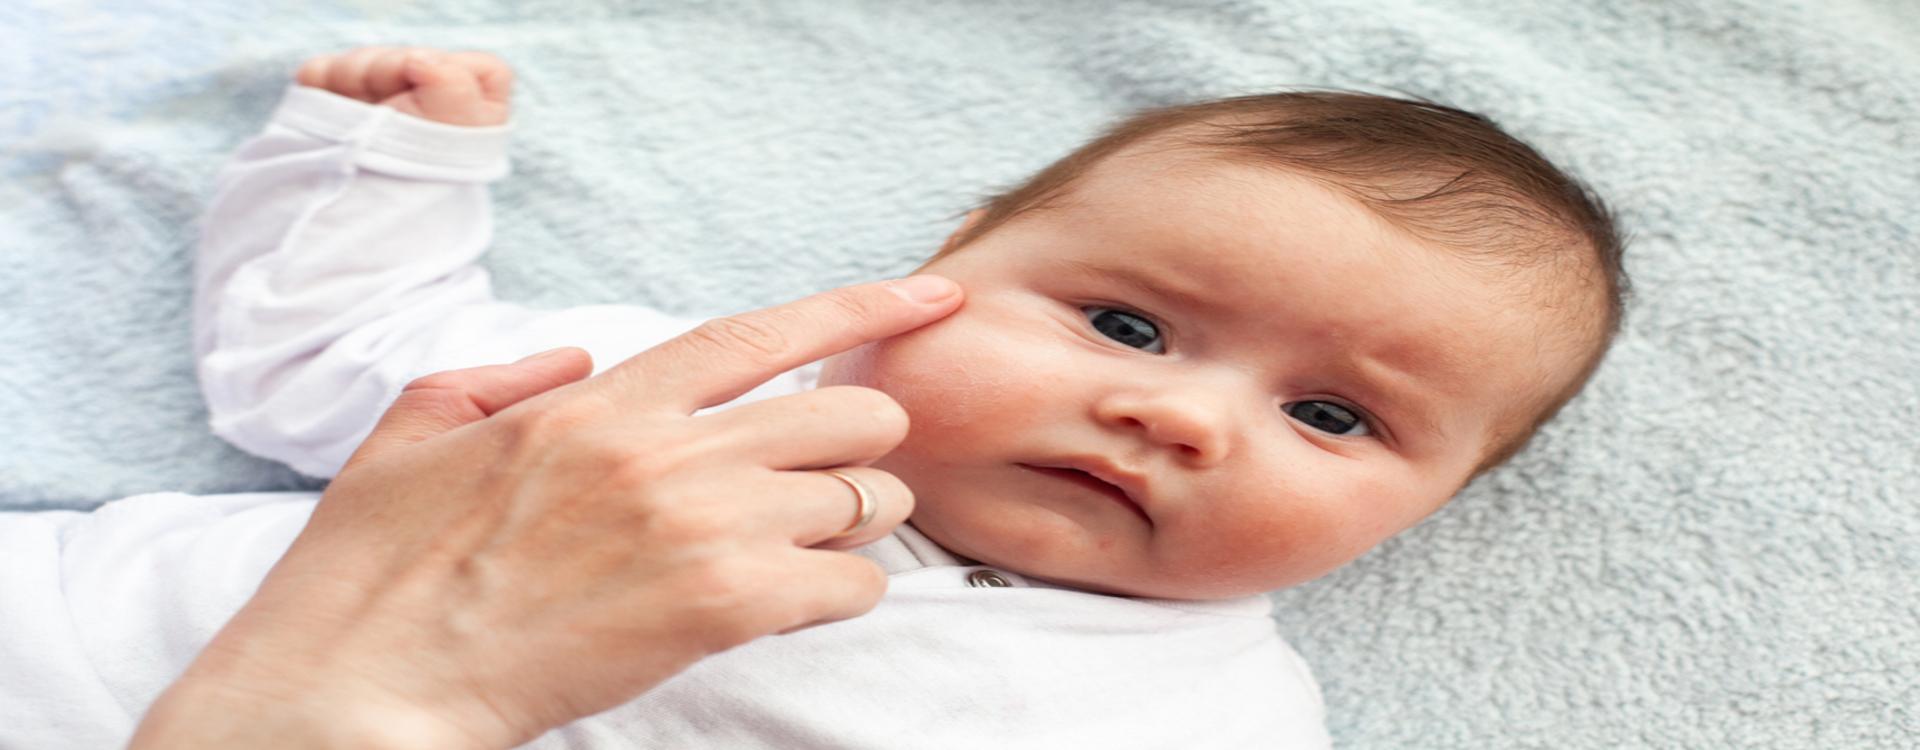 Лечение пеленочного дерматита у детей в домашних условиях